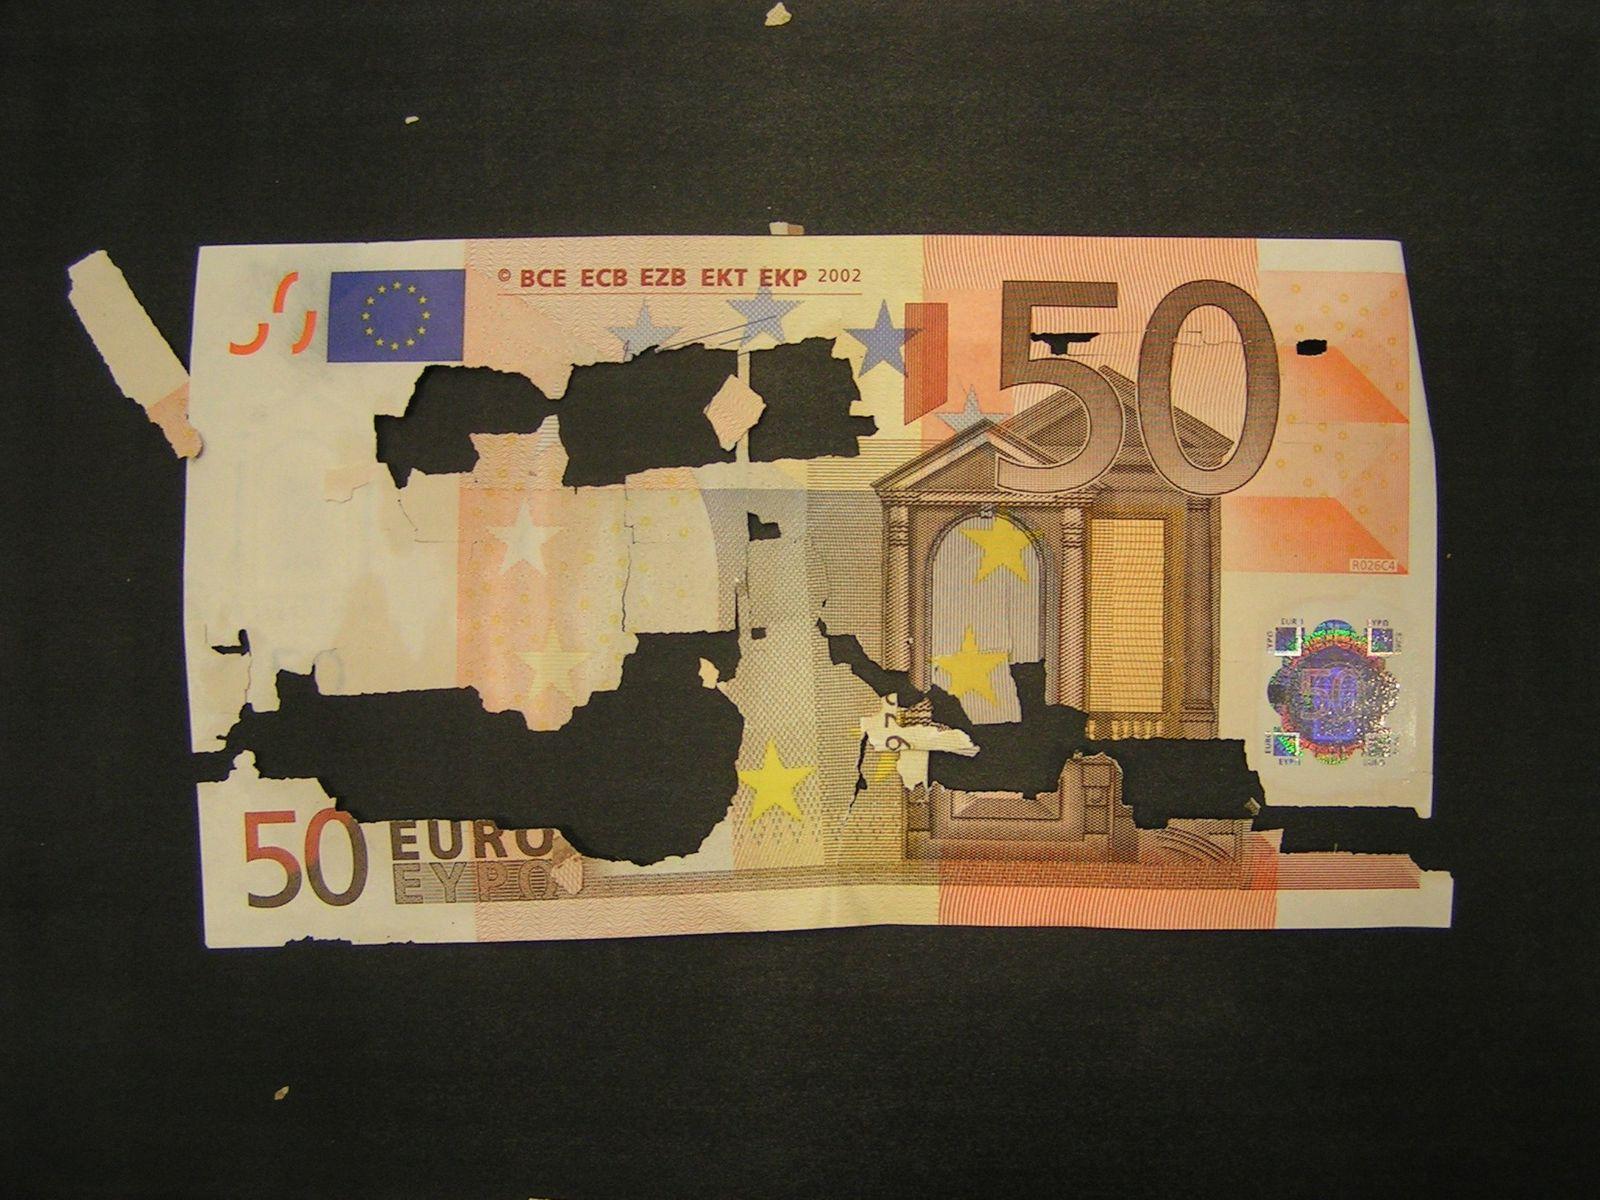 Banknoten / Euroschein / Geld / 50 Euro / Euroschein